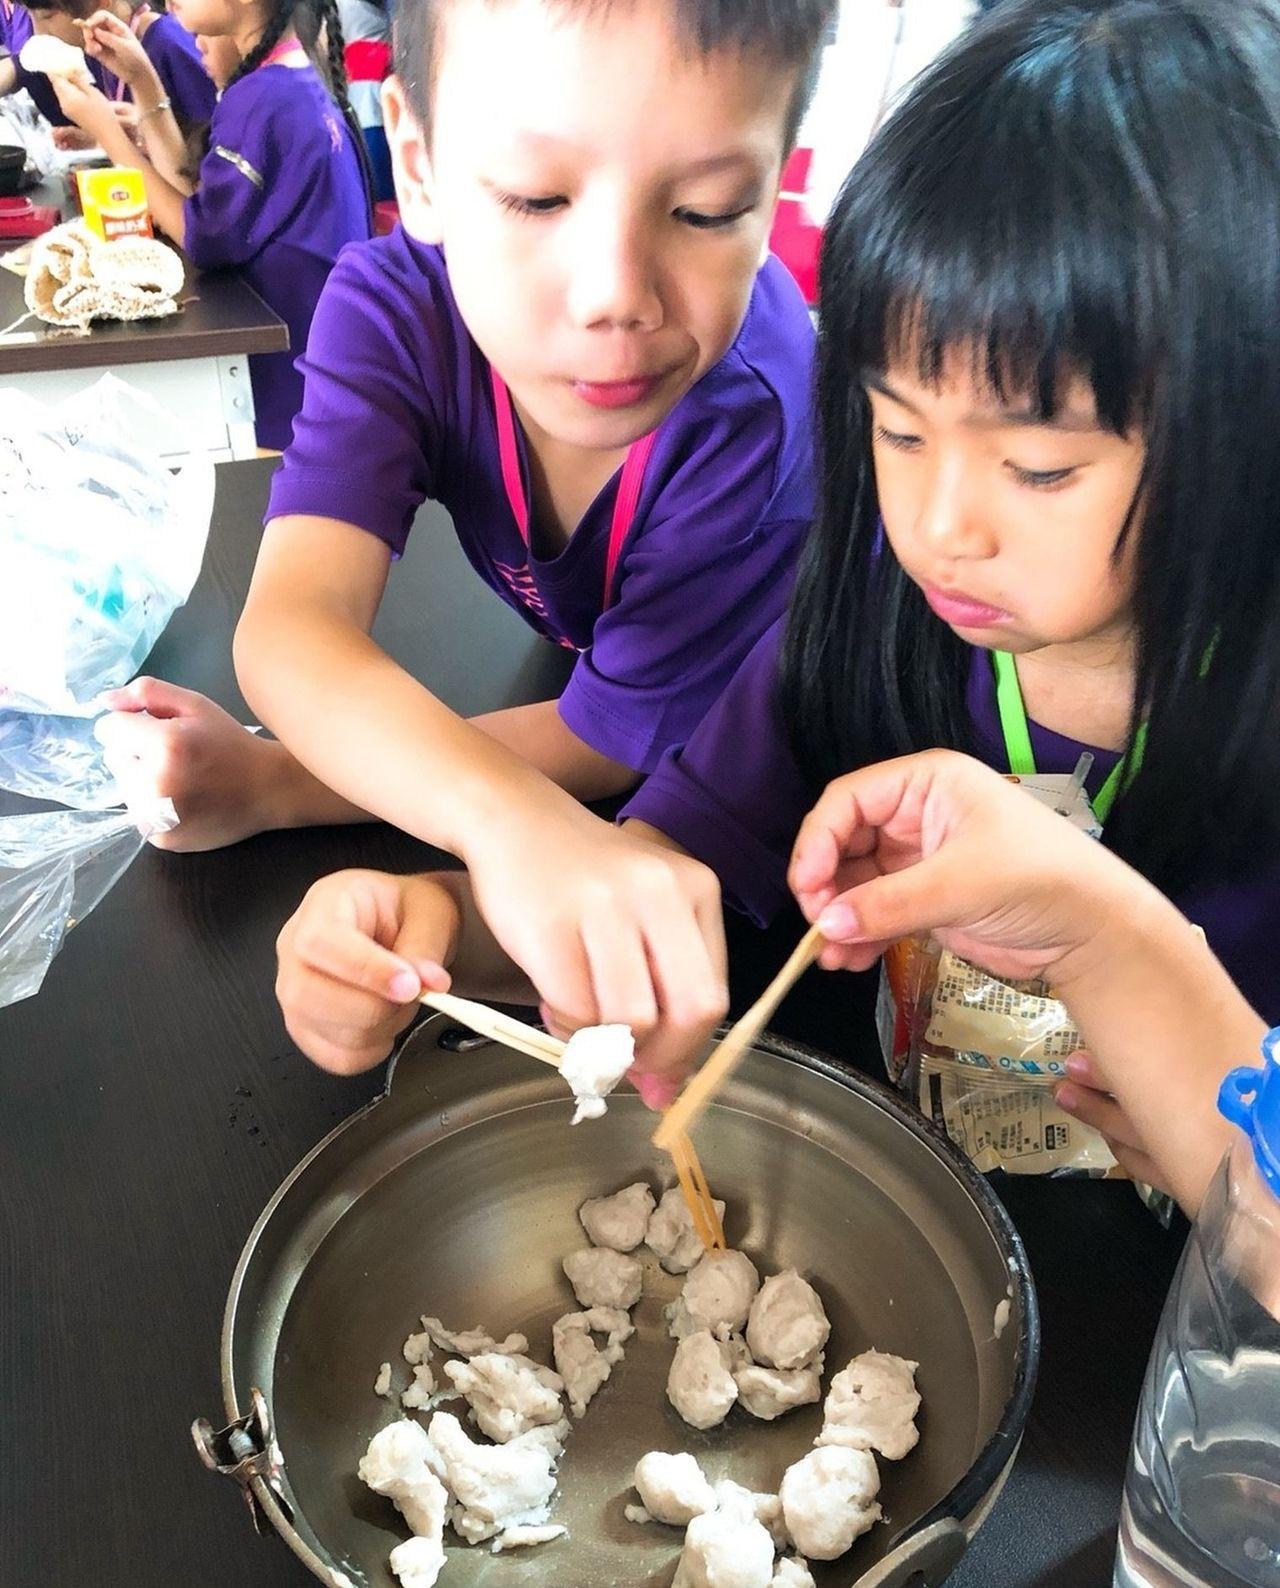 高雄蚵仔寮渔港力推輕旅行遊程,豐富的生態及各式體驗活動,成為國中、小熱門的戶外去...